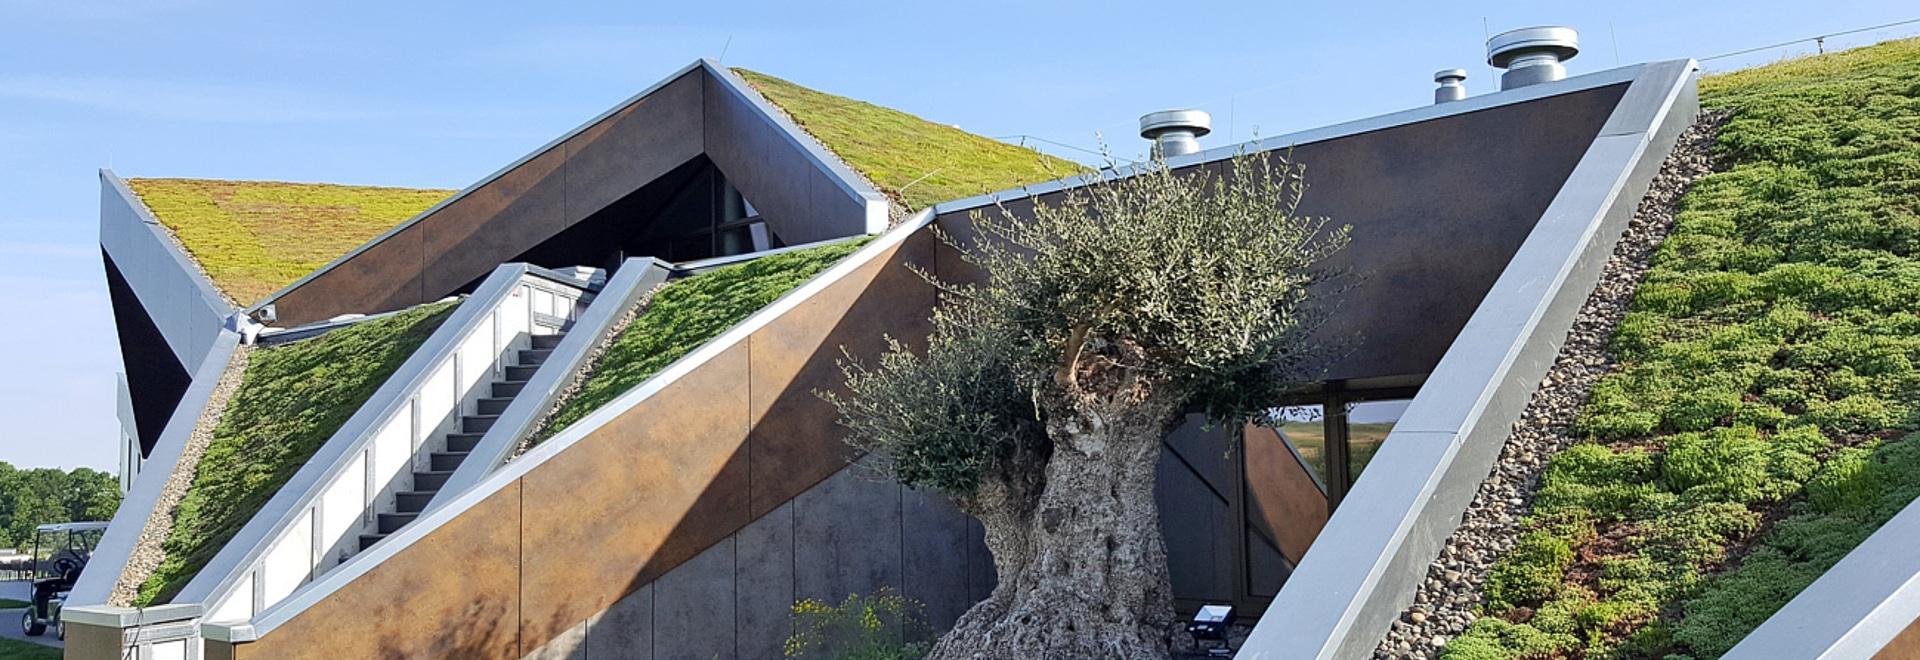 La création d'un toit vert sur un toit lancé n'est pas un problème a fourni usages spéciaux du toit sont prises en compte.